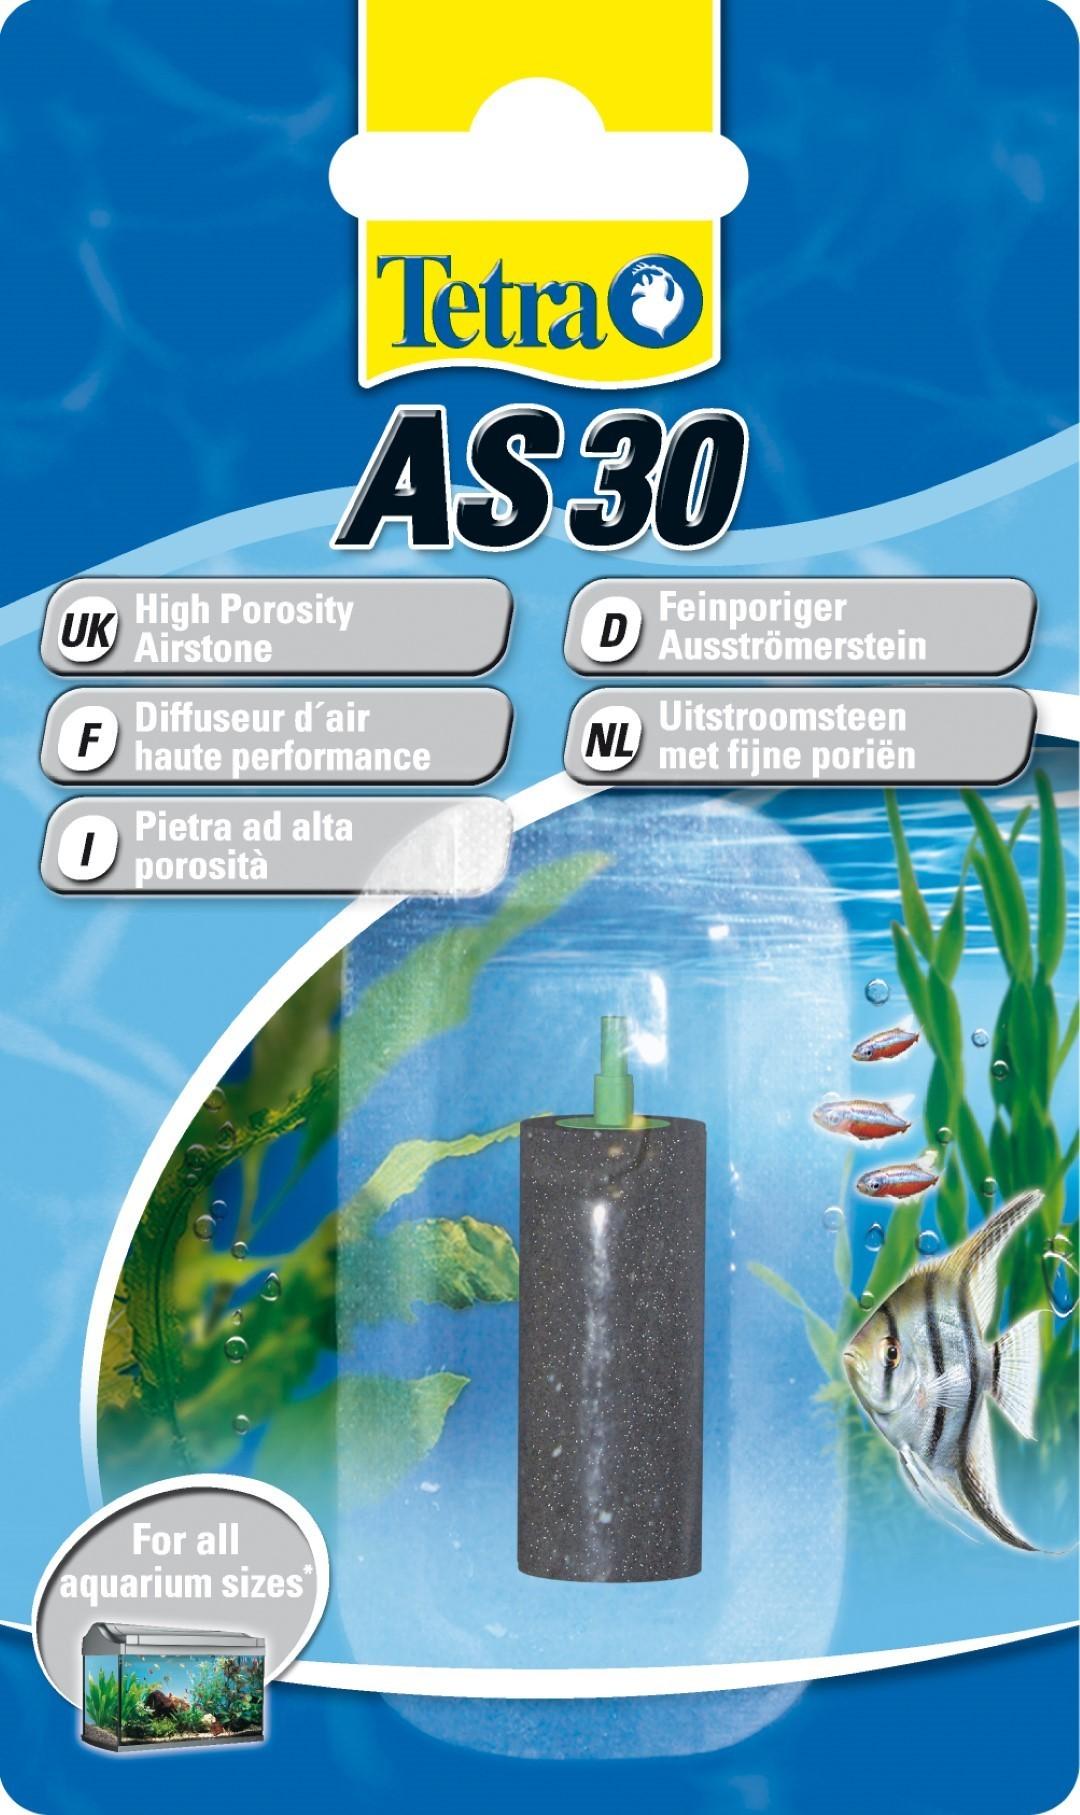 Tetra uitstroomsteen 3 cm AS 30